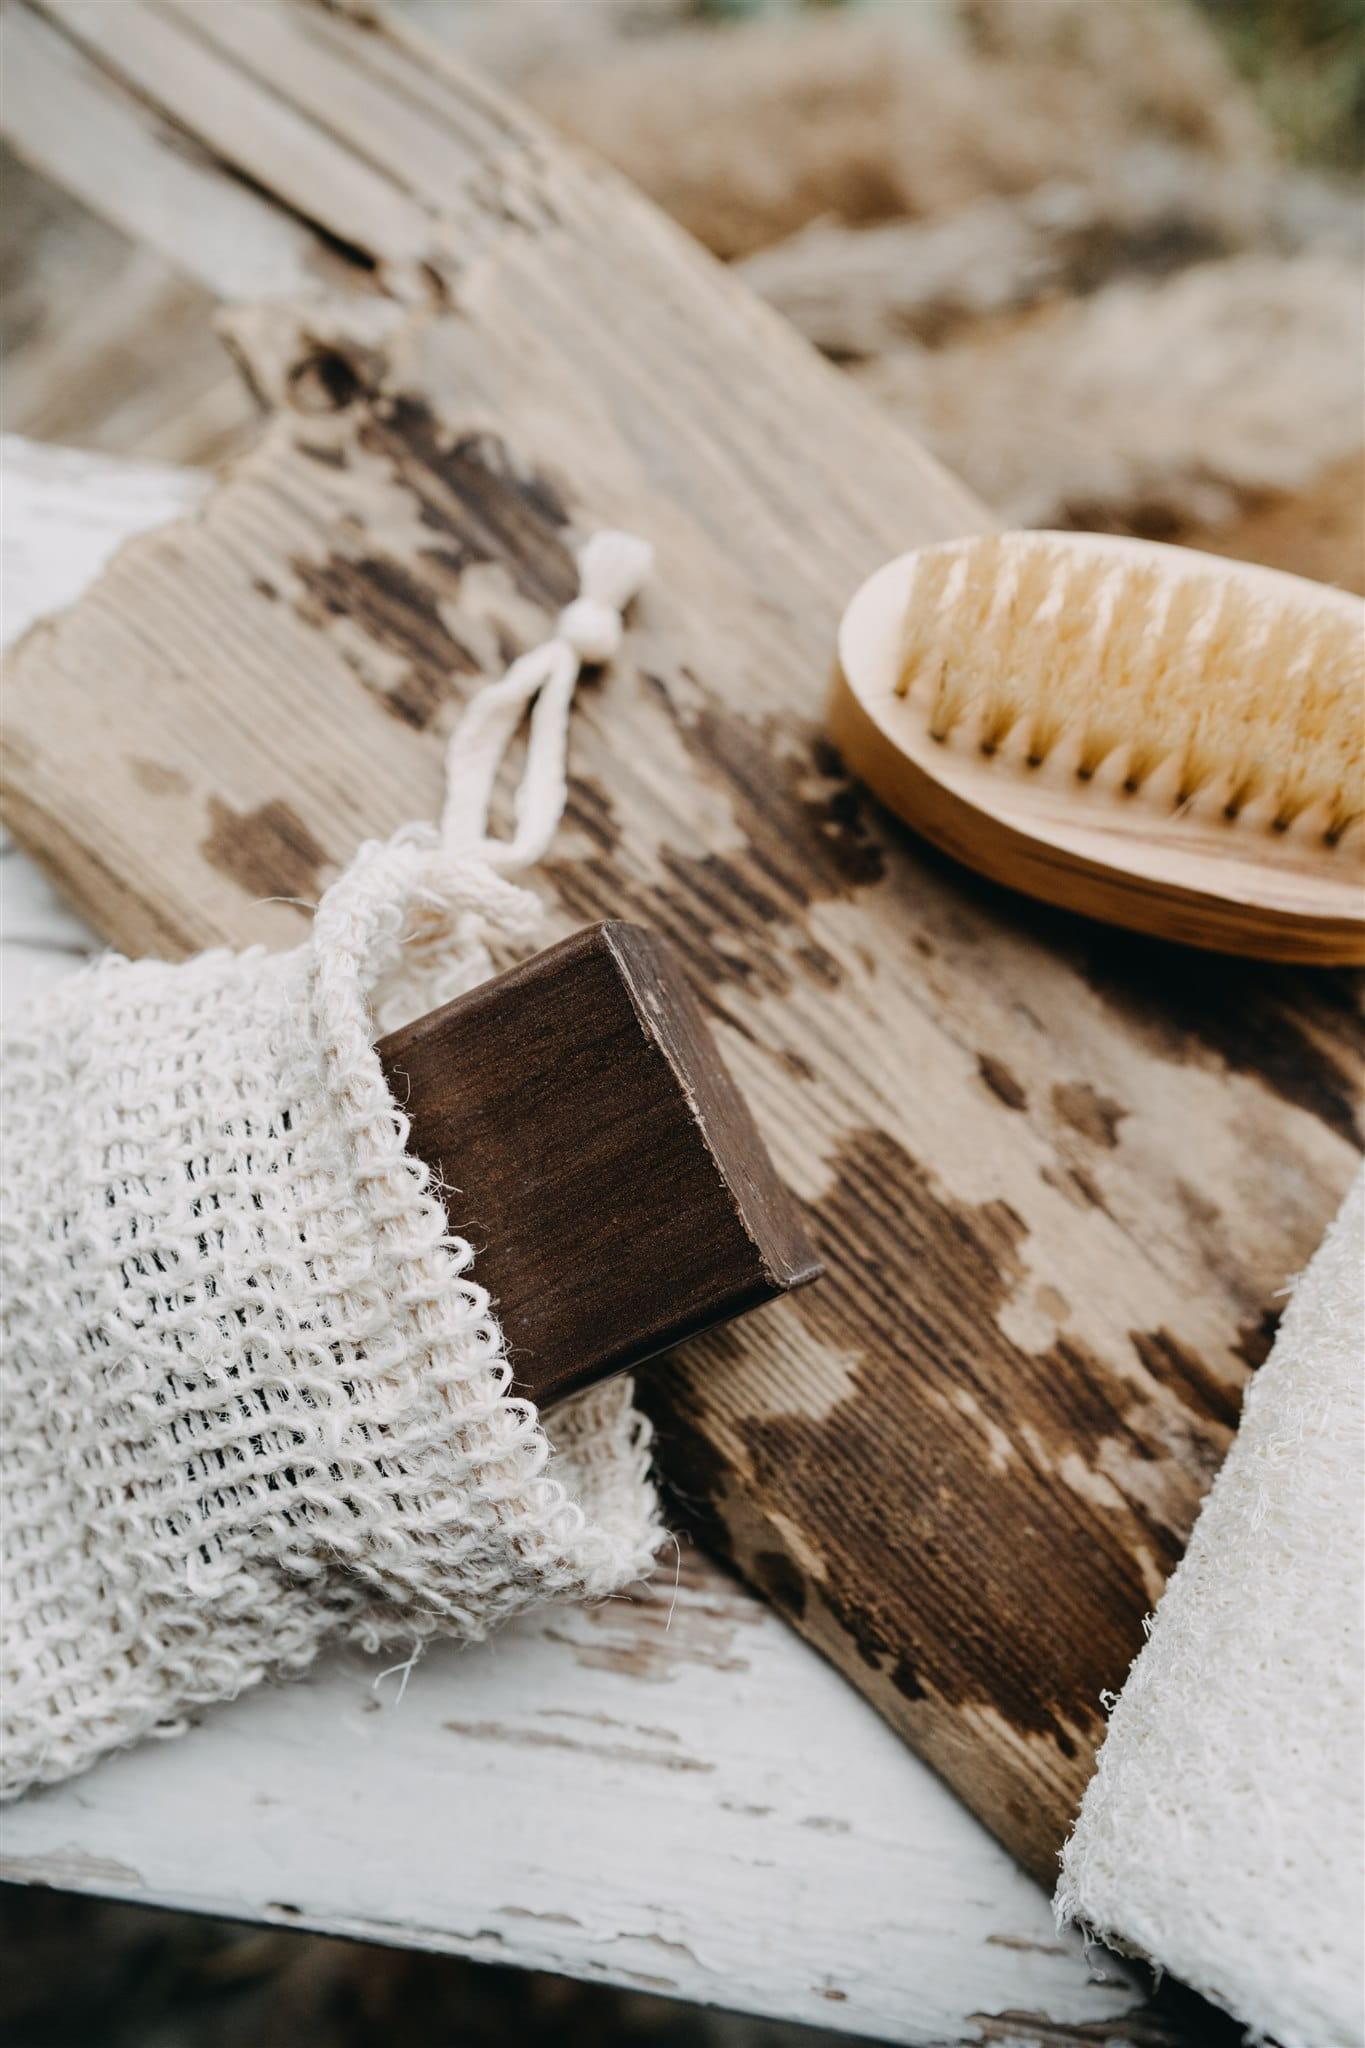 """Bogini Mydlana kostka Bogini została wzbogacona o borowinę, o której w Polsce mówi się """"czarne złoto"""". Borowina jest nieoczyszczoną ziemią organiczną i zawiera mnóstwo bogactwa zbawiennego dla skóry. W jej składzie znajdziemy minerały, kwasy huminowe, białka, żywicę, krzemionki oraz sól. Wszystko to sprawia, że skóra staje się odżywiona i zregenerowana. Efekt borowinowy wzmacnia działanie przeciwzapalne i bakteriobójcze, co stanowi swoisty detoks dla skóry. Przywróć swojej skórze blask, na który zasługuje i pozwól jej poczuć się zmysłowo – sięgnij po mydło z borowiną i ciesz się efektami kuracji. Wskazanie do stosowania: detoks skóry, antyoksydacja, przywrócenie blasku. Działanie: pobudza odnowę komórkową i wspomaga regenerację skóry. Metoda wytwarzania: na gorąco. Nasze mydełka są tworzone na bazie naturalnych składników. W mydłach produkowanych metodą na gorąco zdecydowaliśmy się użyć nierafinowanego oleju palmowego. Nasz surowiec pochodzi z ekologicznych, certyfikowanych upraw. Dzię"""